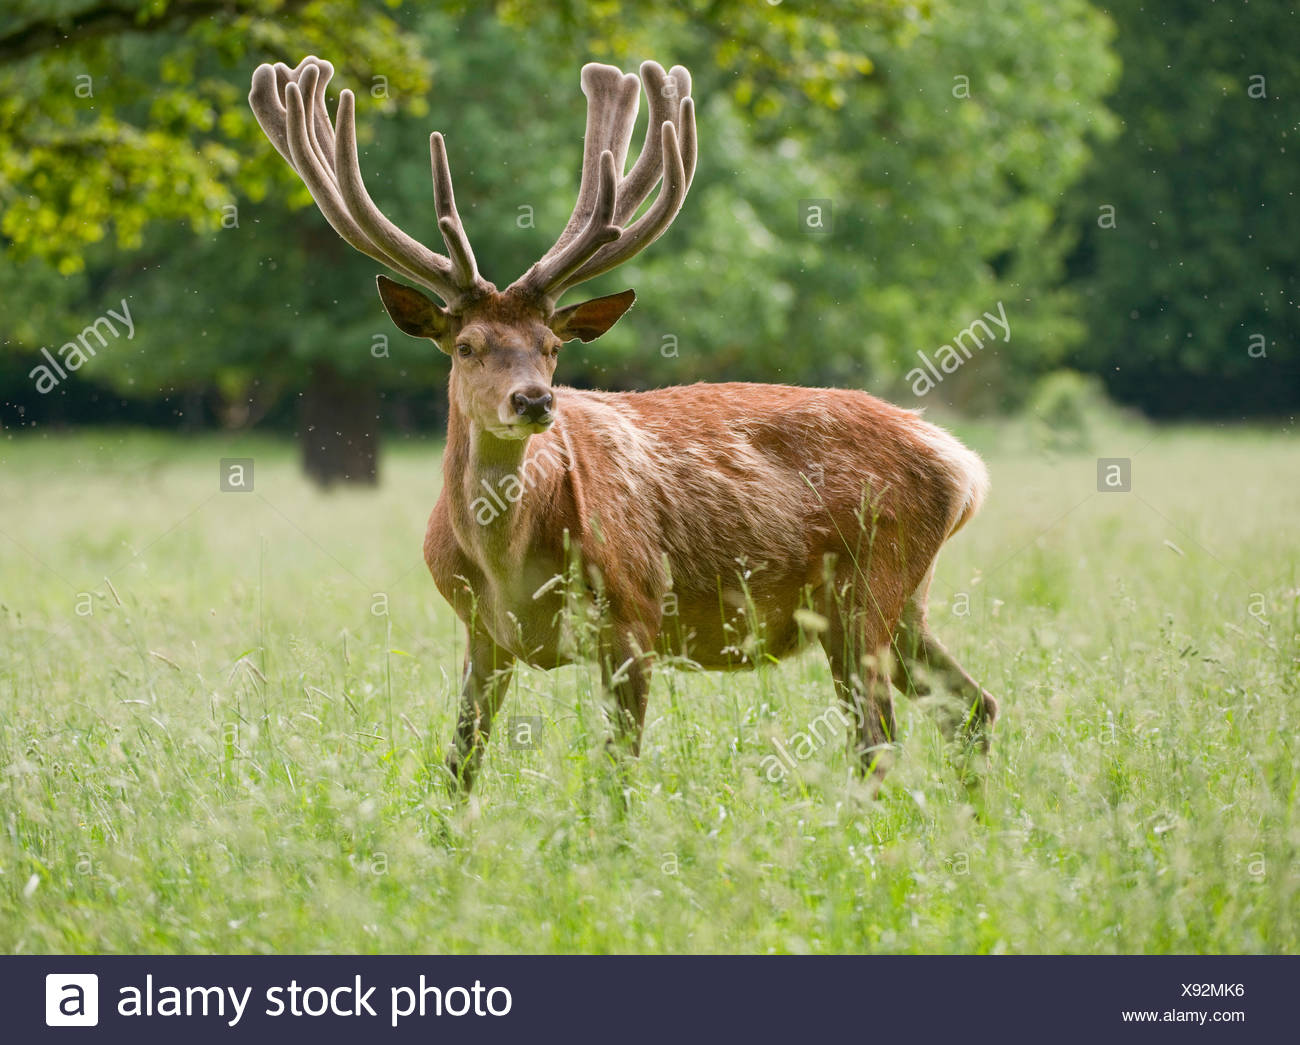 Red Deer (Cervus elaphus) avec du bois de velours, captive, Bavière, Allemagne Banque D'Images